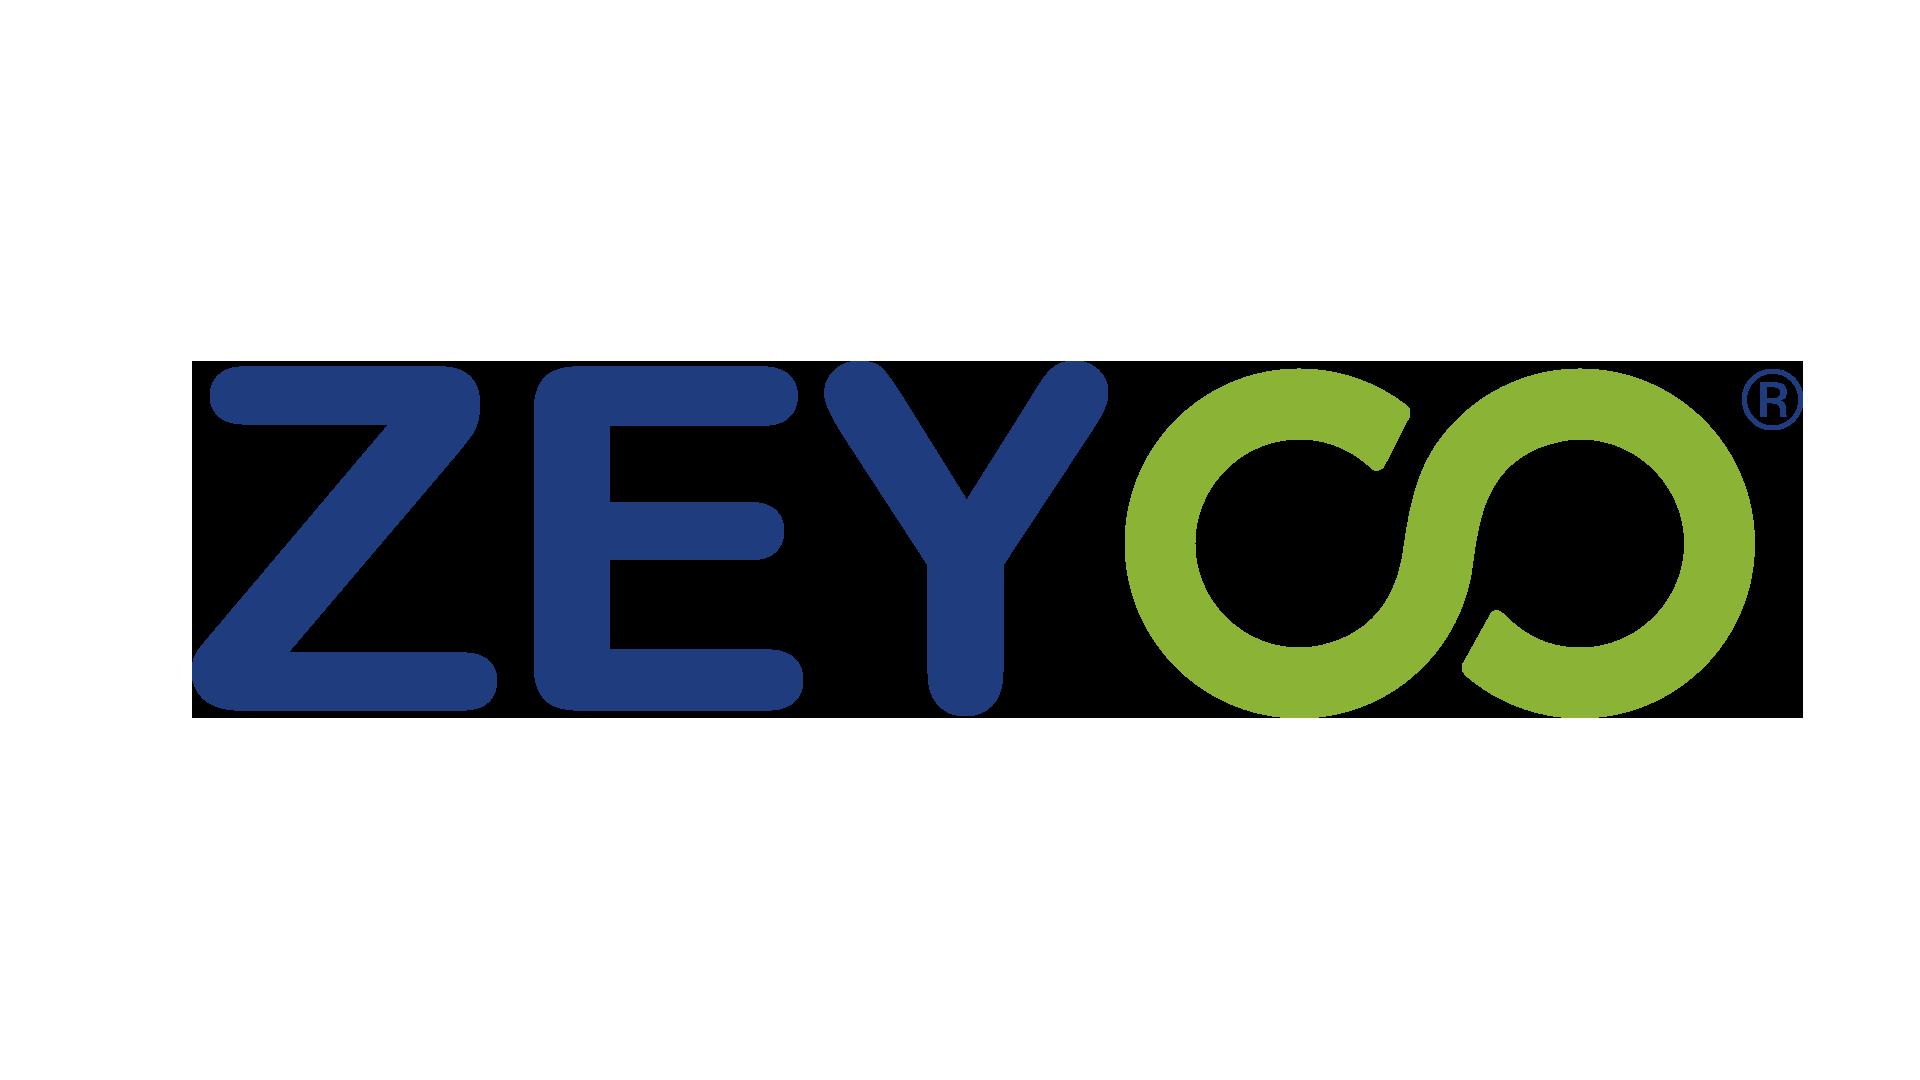 Zeyco